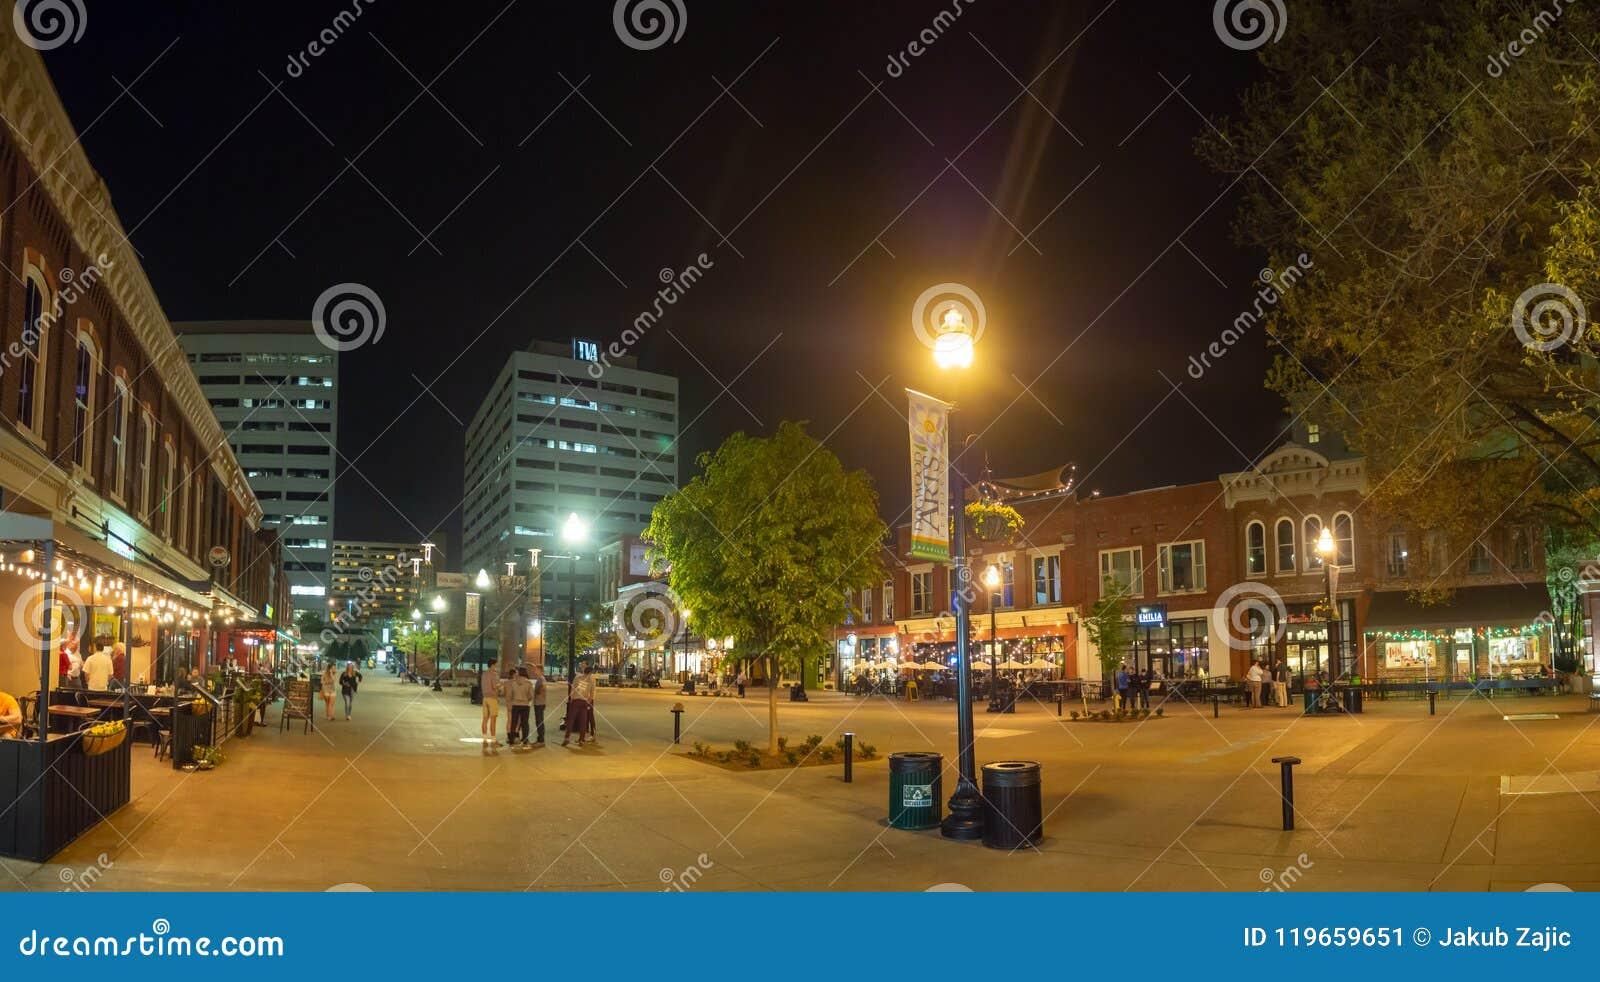 Marknadsfyrkant, Knoxville, Tennessee, Amerikas förenta stater: [Uteliv i mitten av Knoxville]